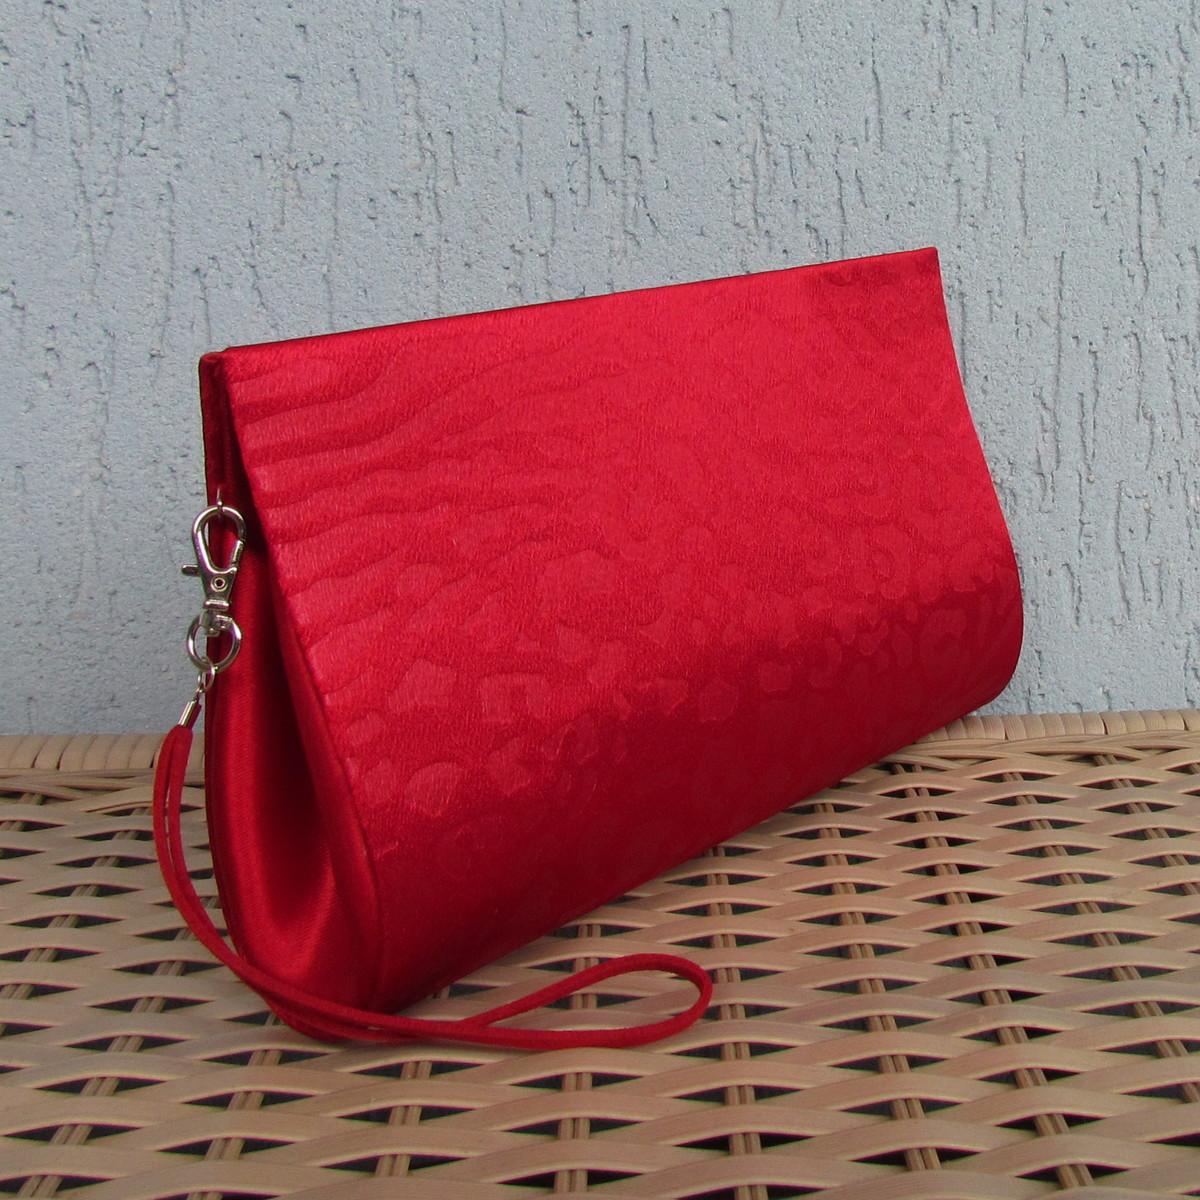 bdd7abbe8 Clutch Vermelha no Elo7 | Magias de Mulher (62D36A)